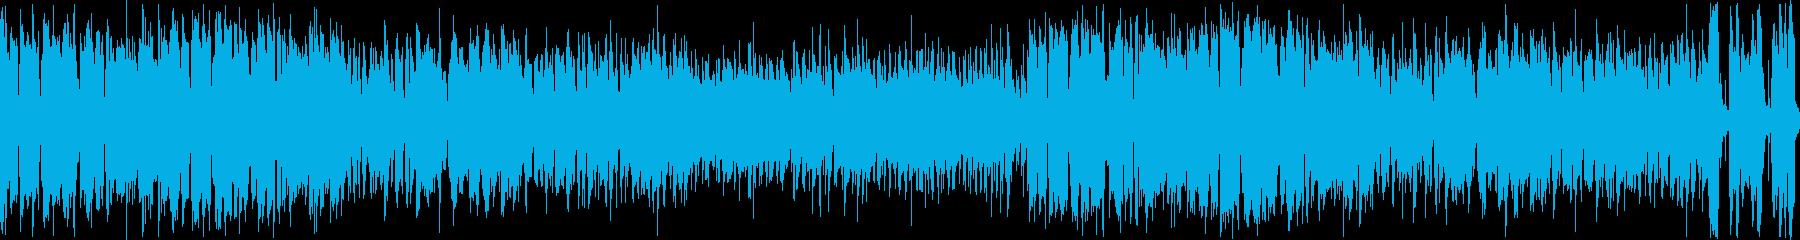 ケルト風ワイワイ賑やか生バンドの再生済みの波形